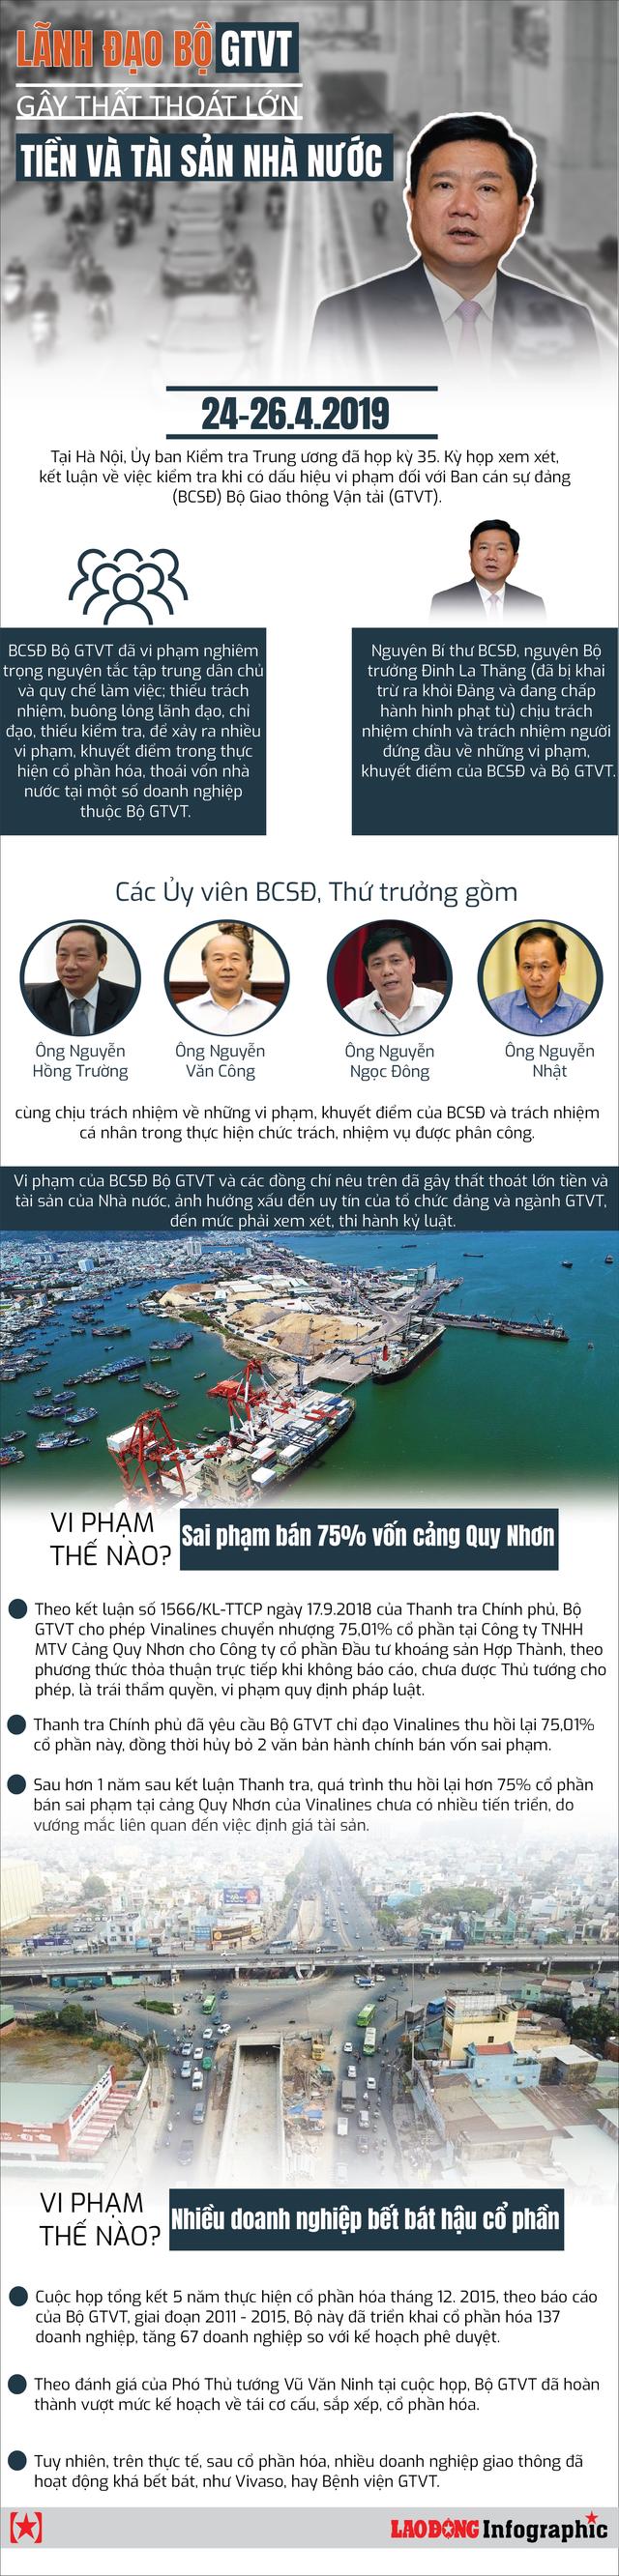 Infographic: Lãnh đạo Bộ GTVT gây thất thoát tiền, tài sản Nhà nước - Ảnh 1.